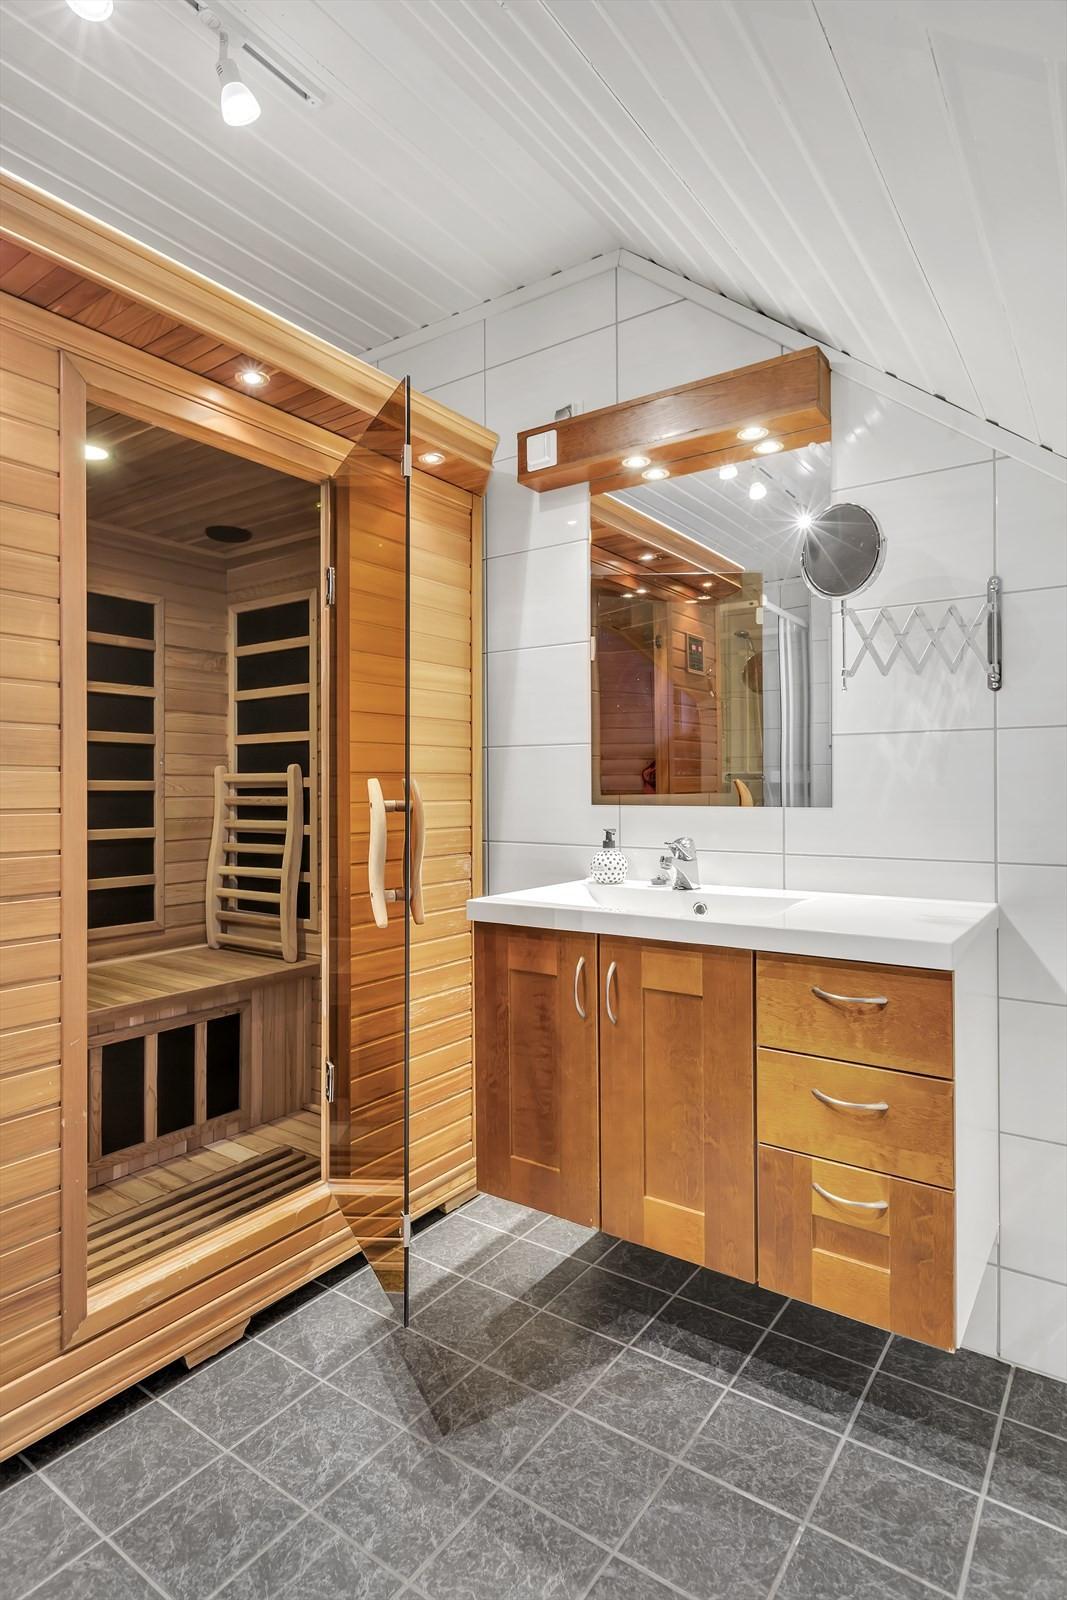 Badstue på badet